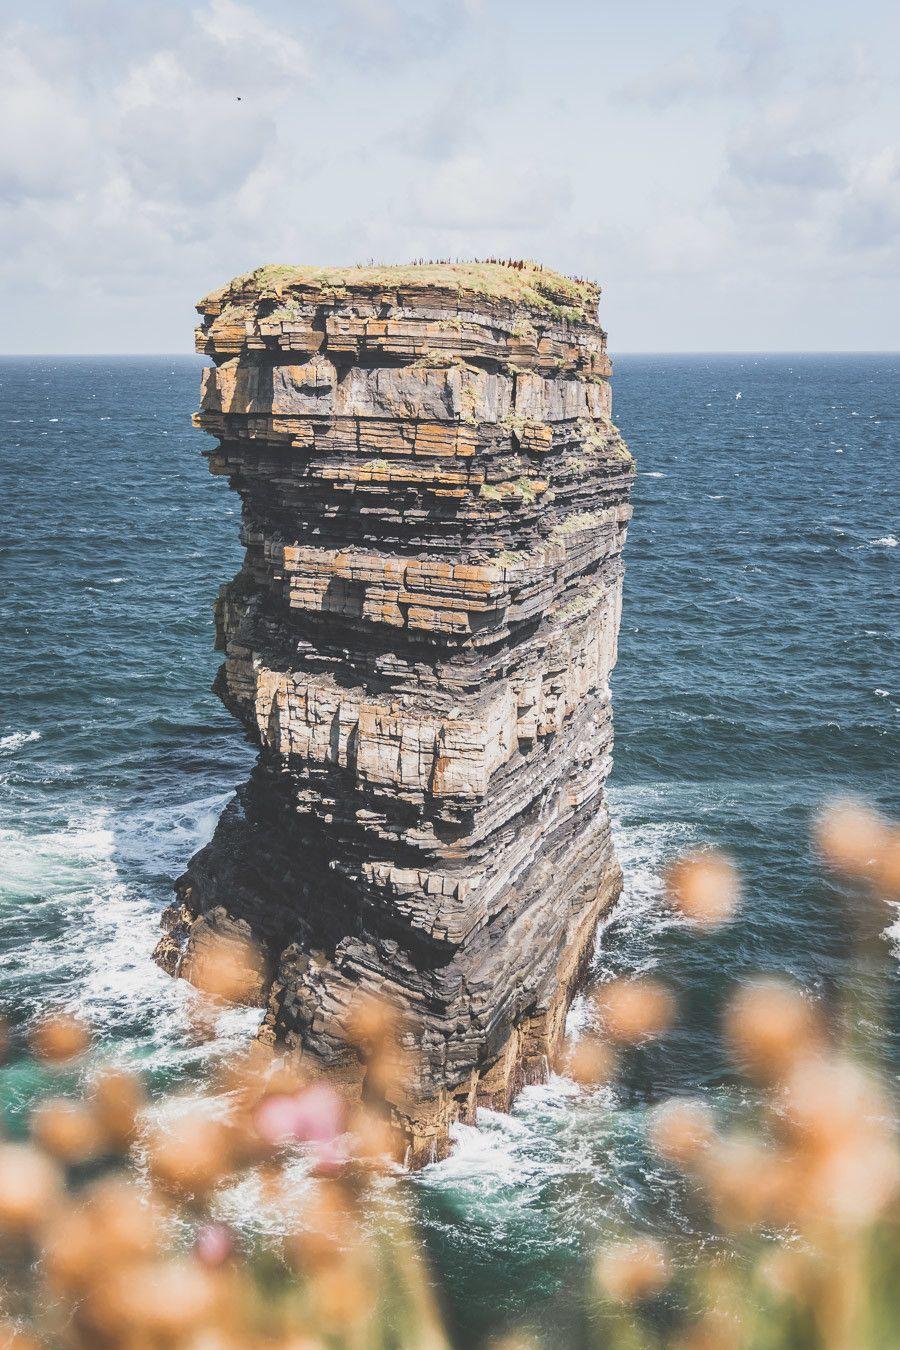 Les falaises vertigineuses du comté de Mayo